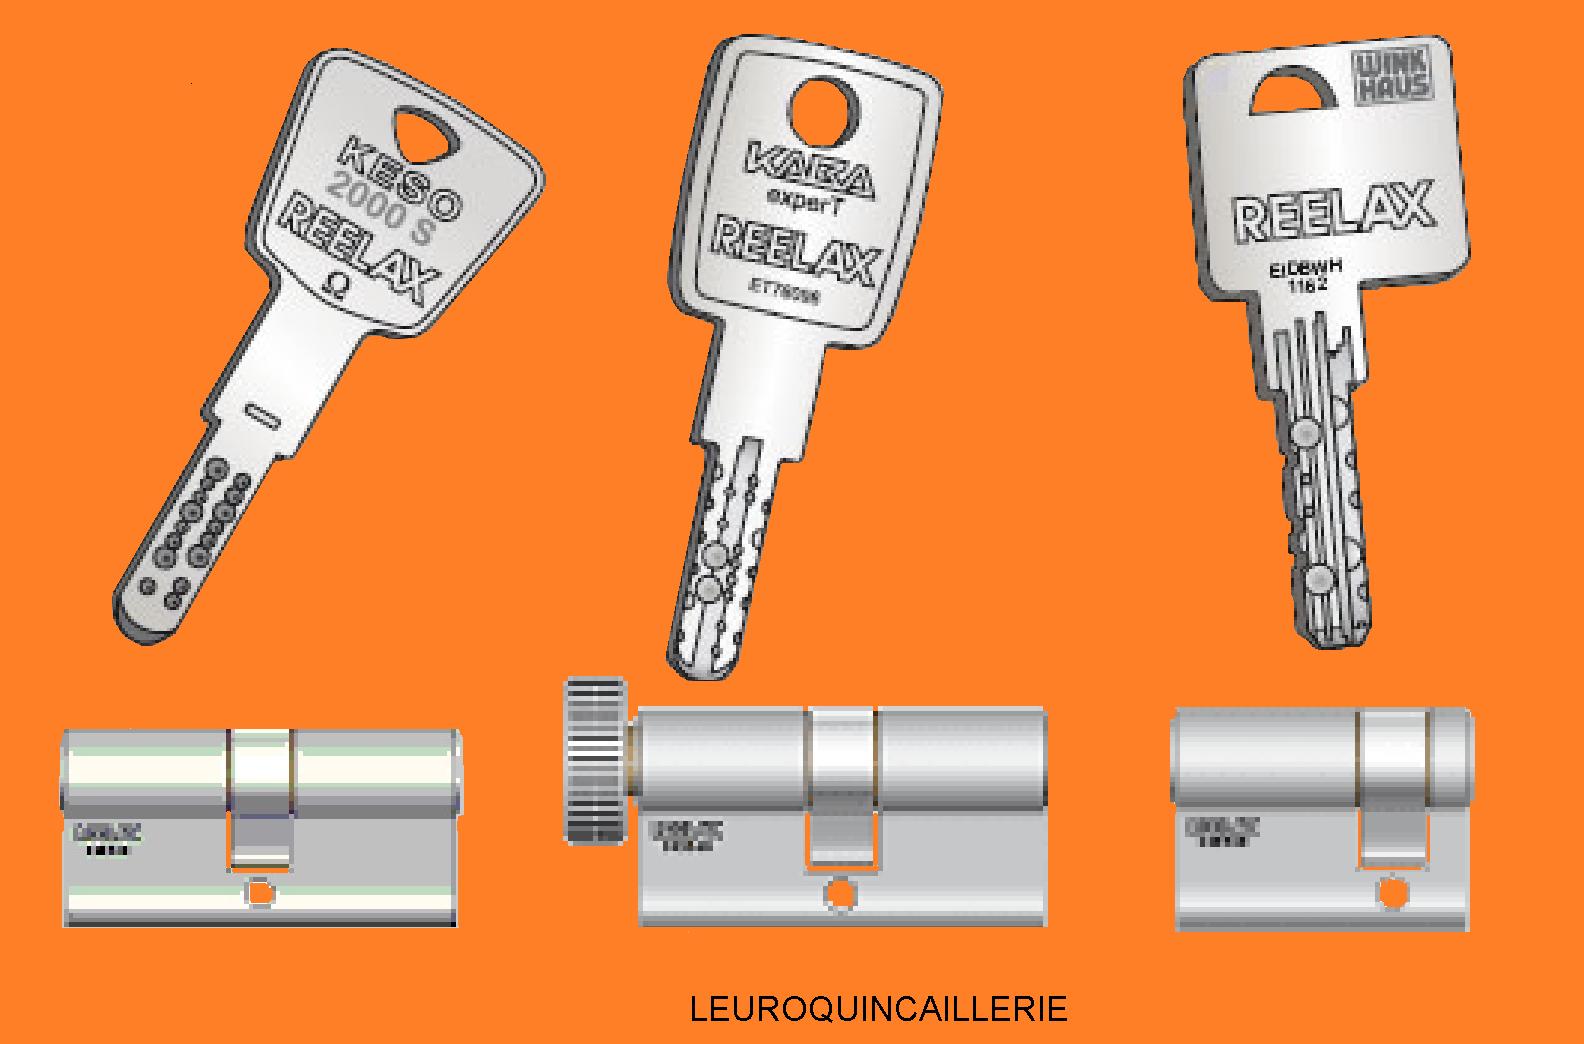 Cylindre européen à panneton Kaba Exper-T Reelax de haute sécurité fournis avec 3 clés brevetées